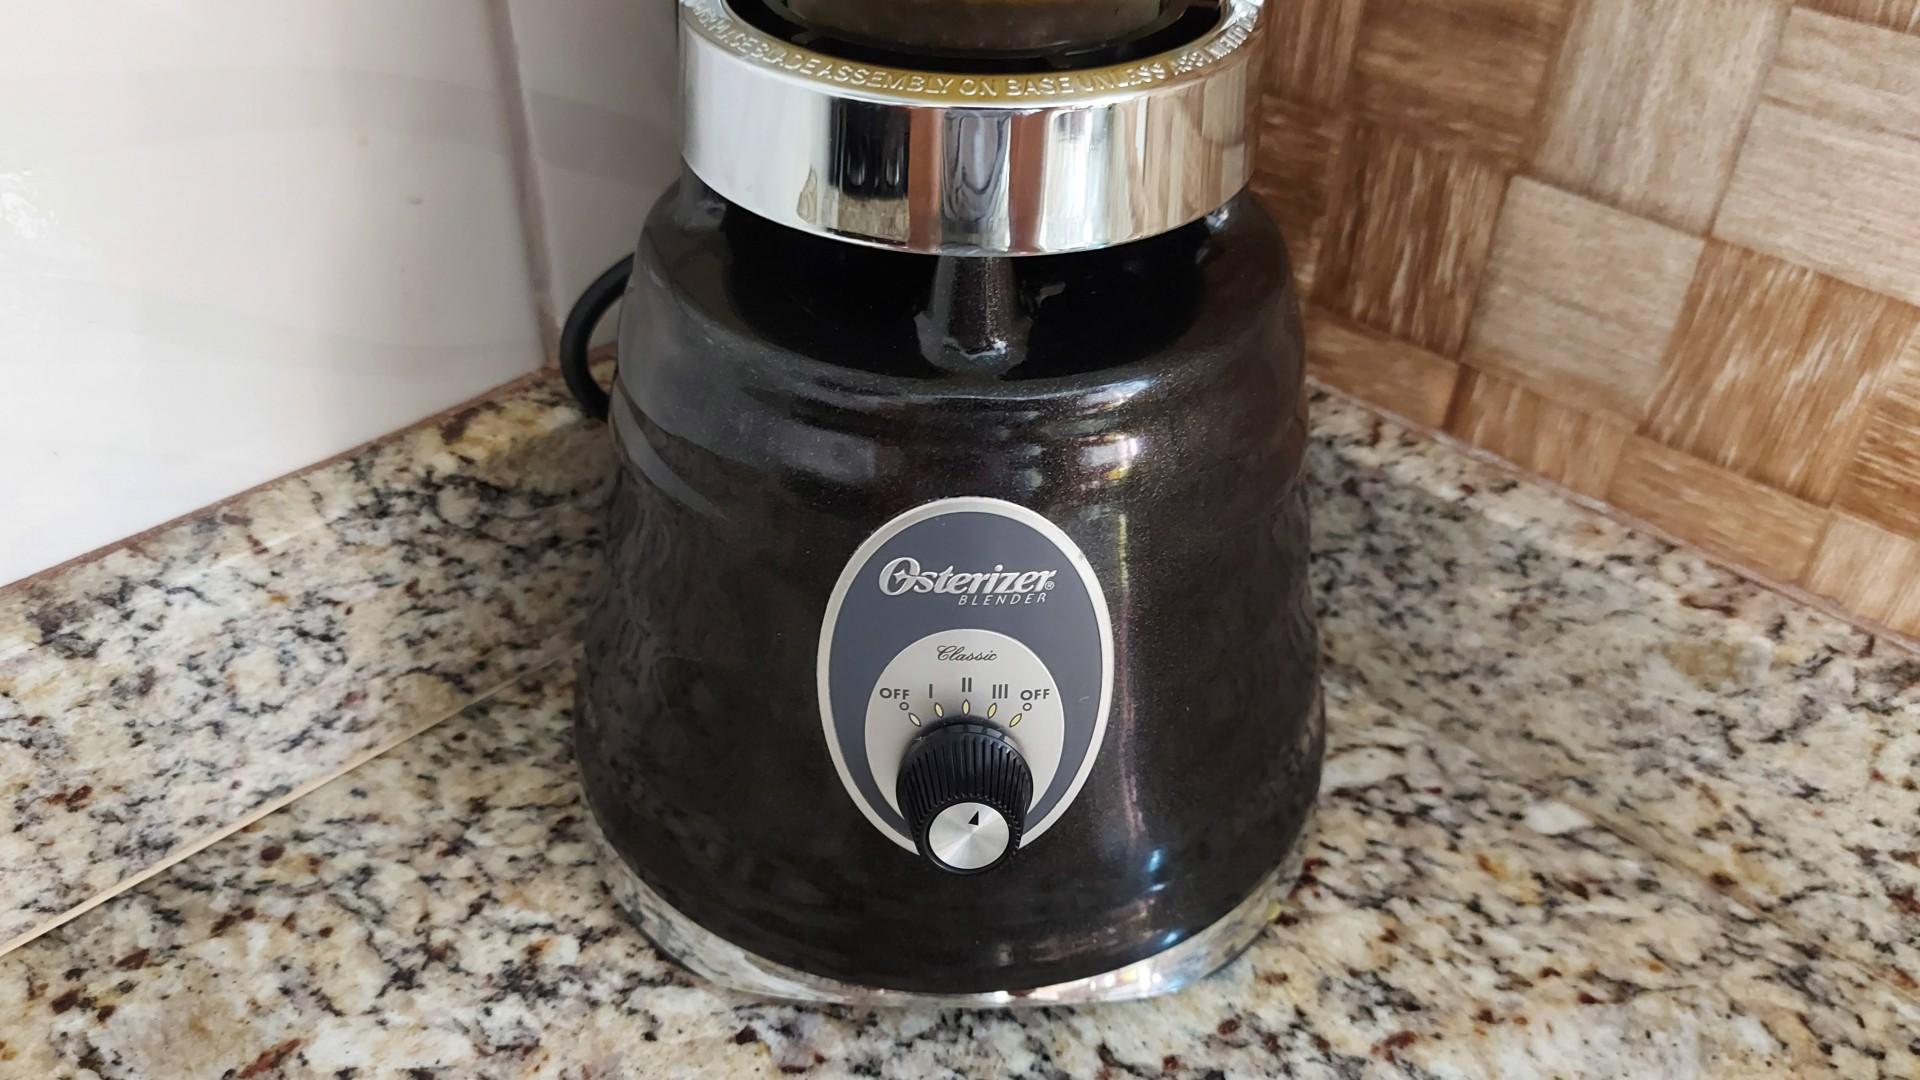 O botão seletor do Osterizer Clássico foge do comum para esse tipo de aparelho (Foto: Zoom)